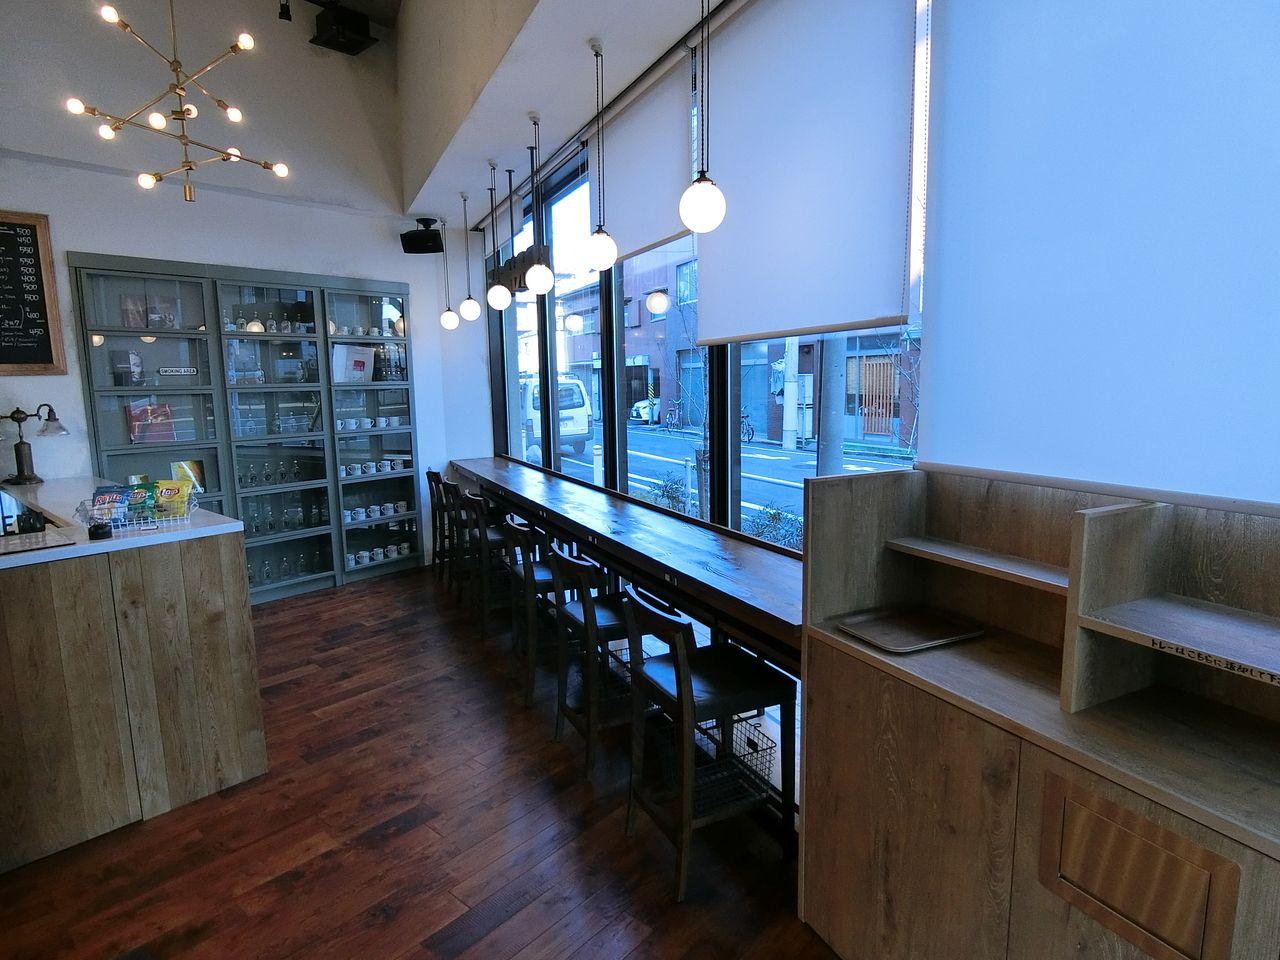 板橋4丁目のBRIDGE cafe(ブリッジカフェ)